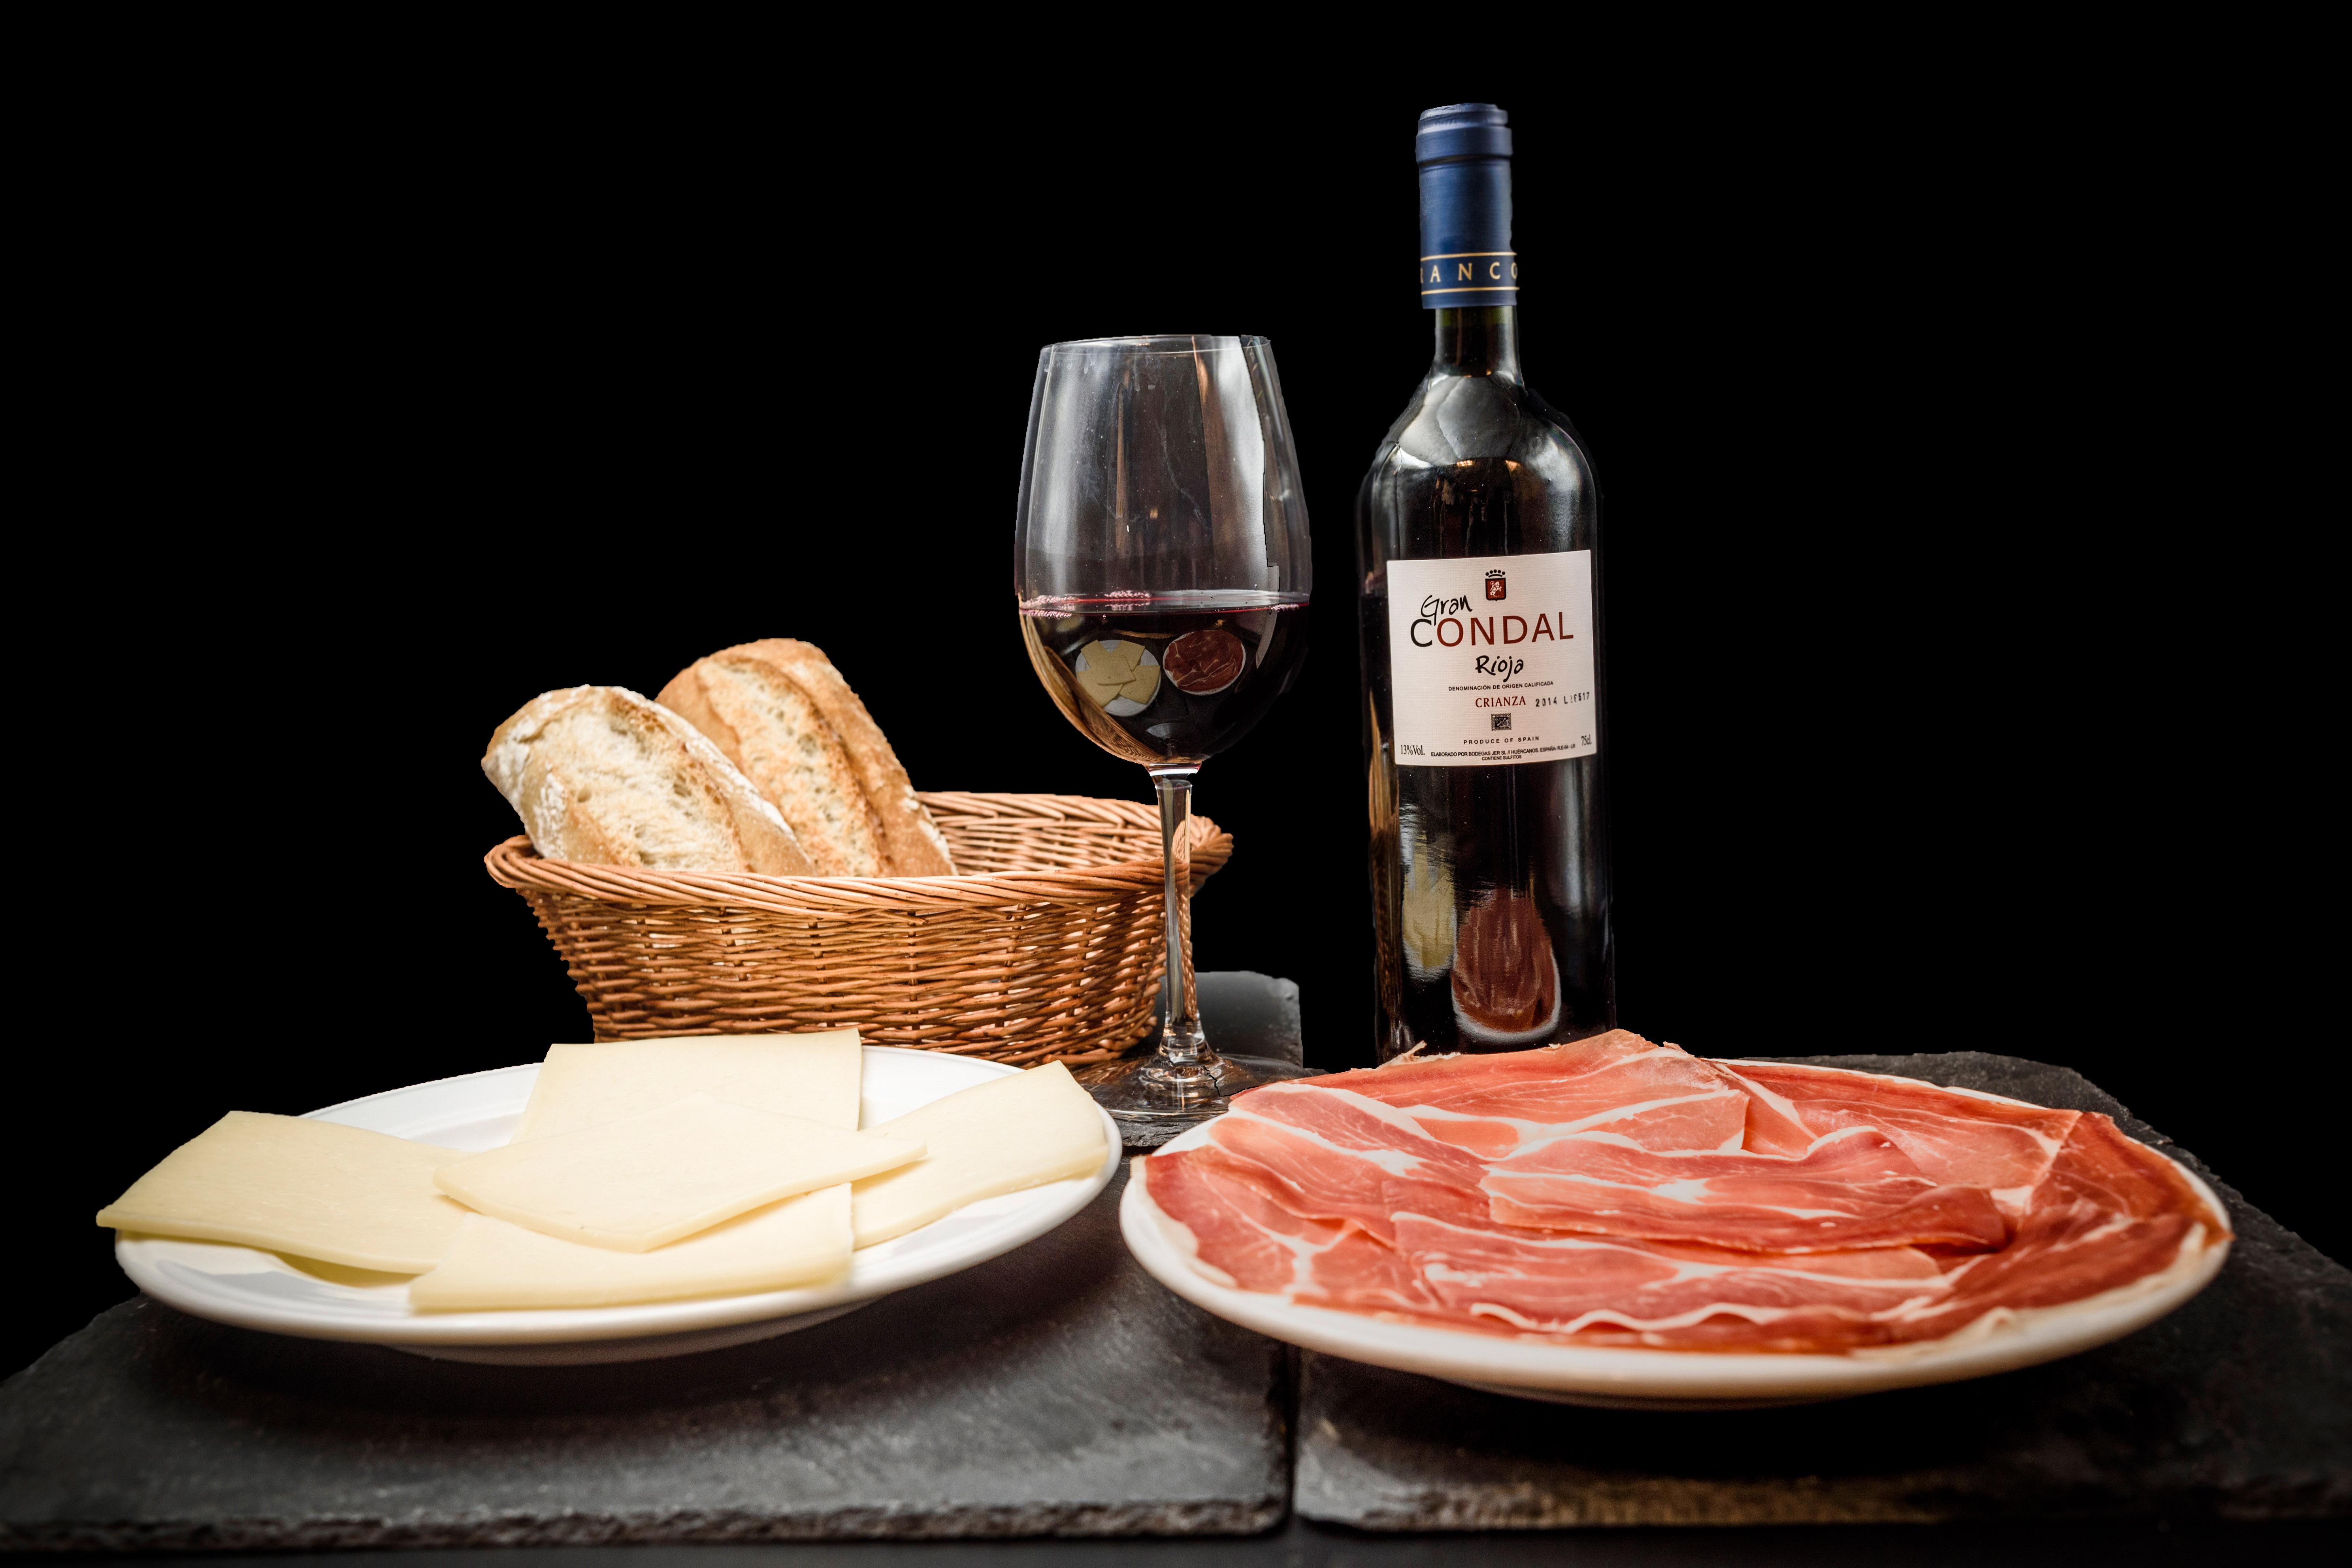 Ofertas Museo Jamón Alcorcón. Ración Jamón Serrano, Ración Queso Mantecoso y Botella de Vino Rioja o Ribera.